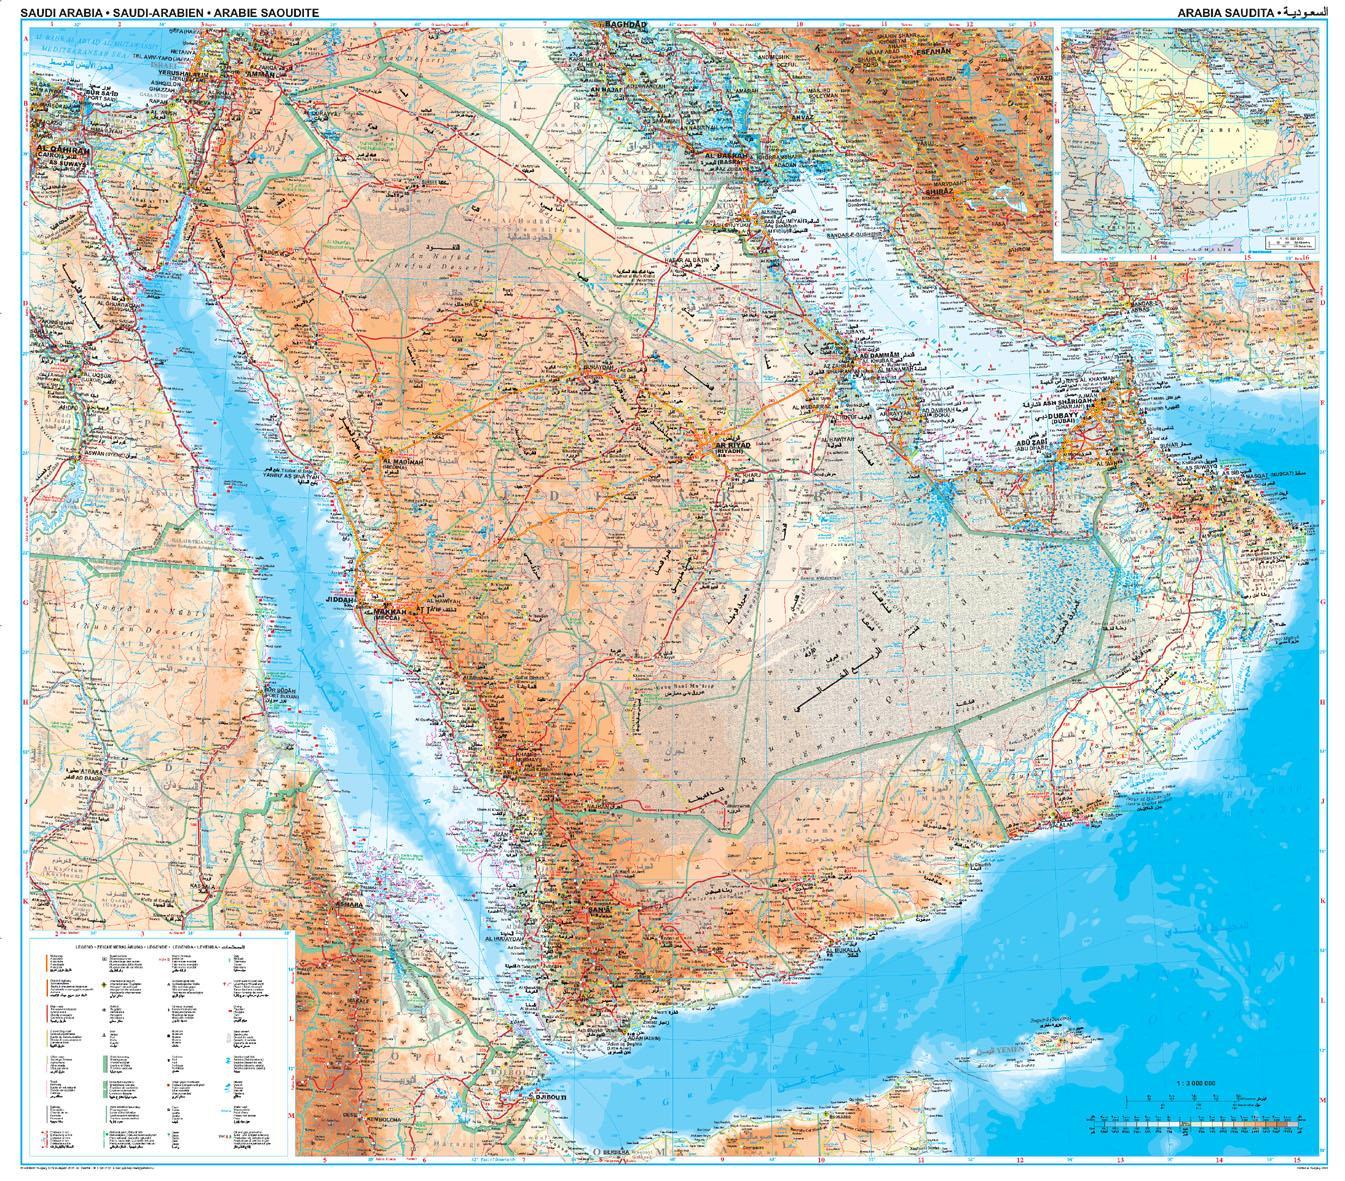 Topographic Map Of Saudi Arabia.Saudi Arabia Topographic Map Map Of Saudi Arabia Topographic